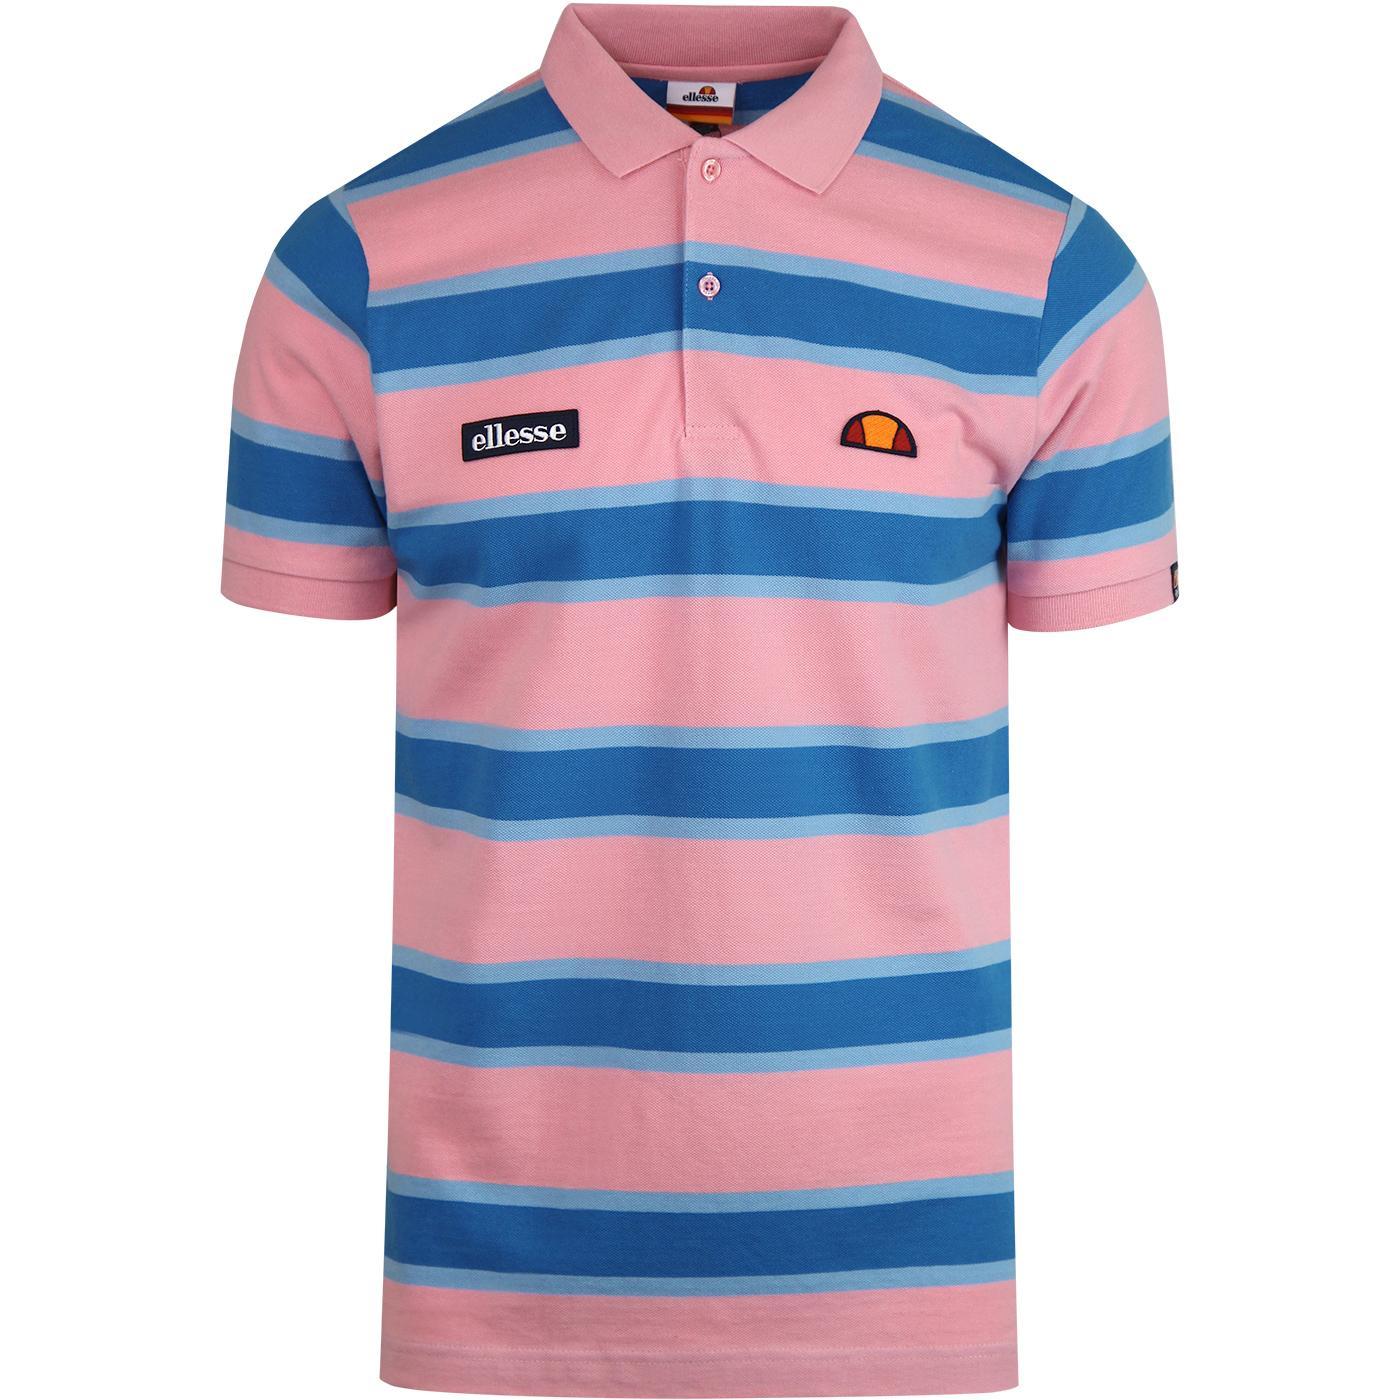 Marono ELLESSE Retro 80s Stripe Pique Polo (Pink)